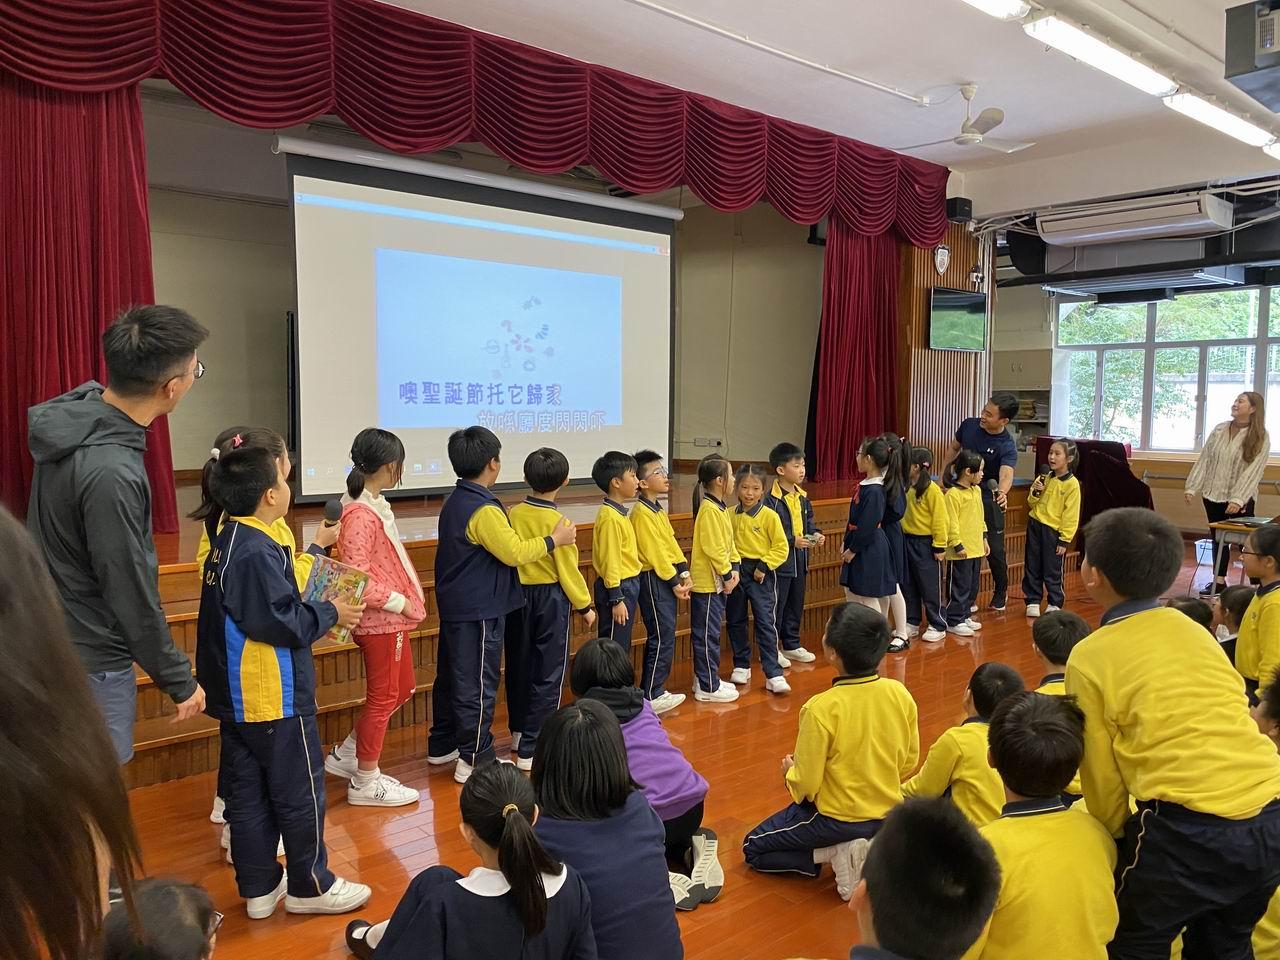 https://plkcjy.edu.hk/sites/default/files/img_9140.jpg